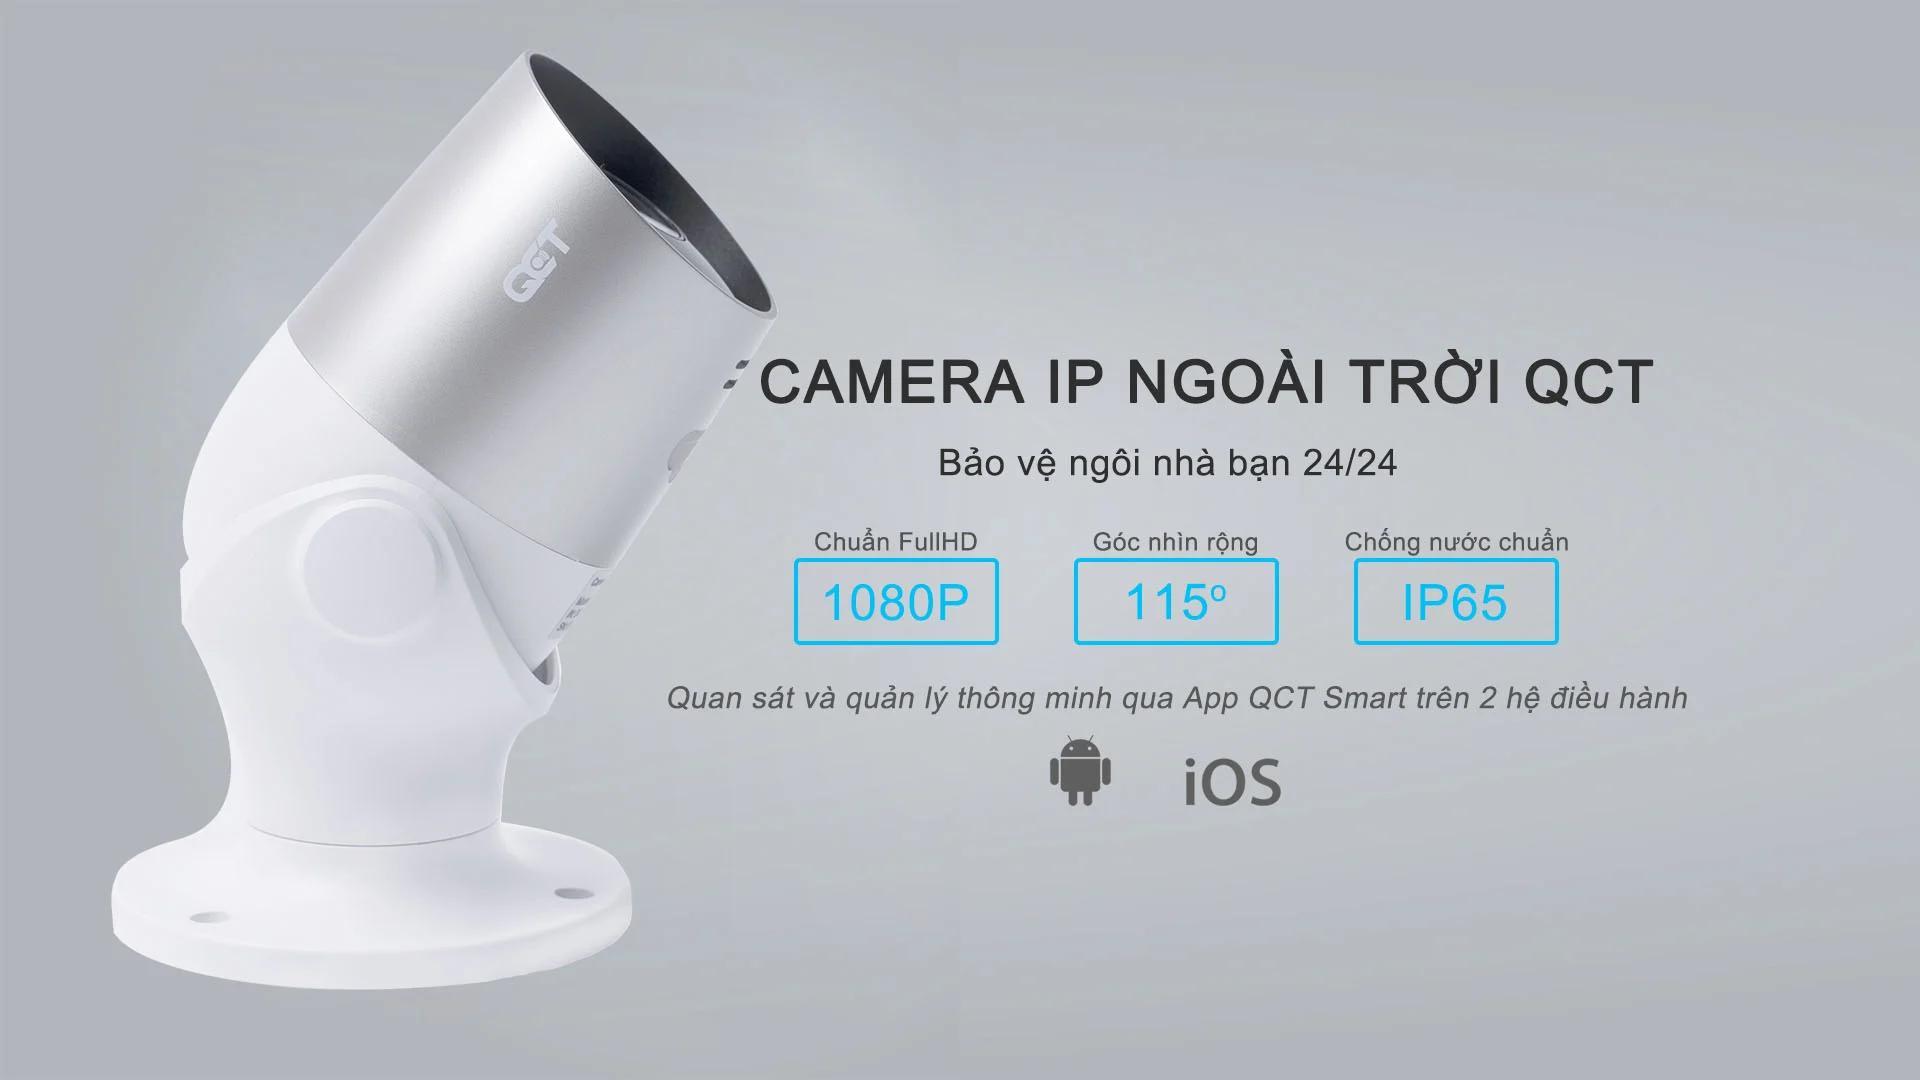 Camera ngoài trời IP QCT 1080P Quốc tế QCTRN001 - Hàng Nhập Khẩu